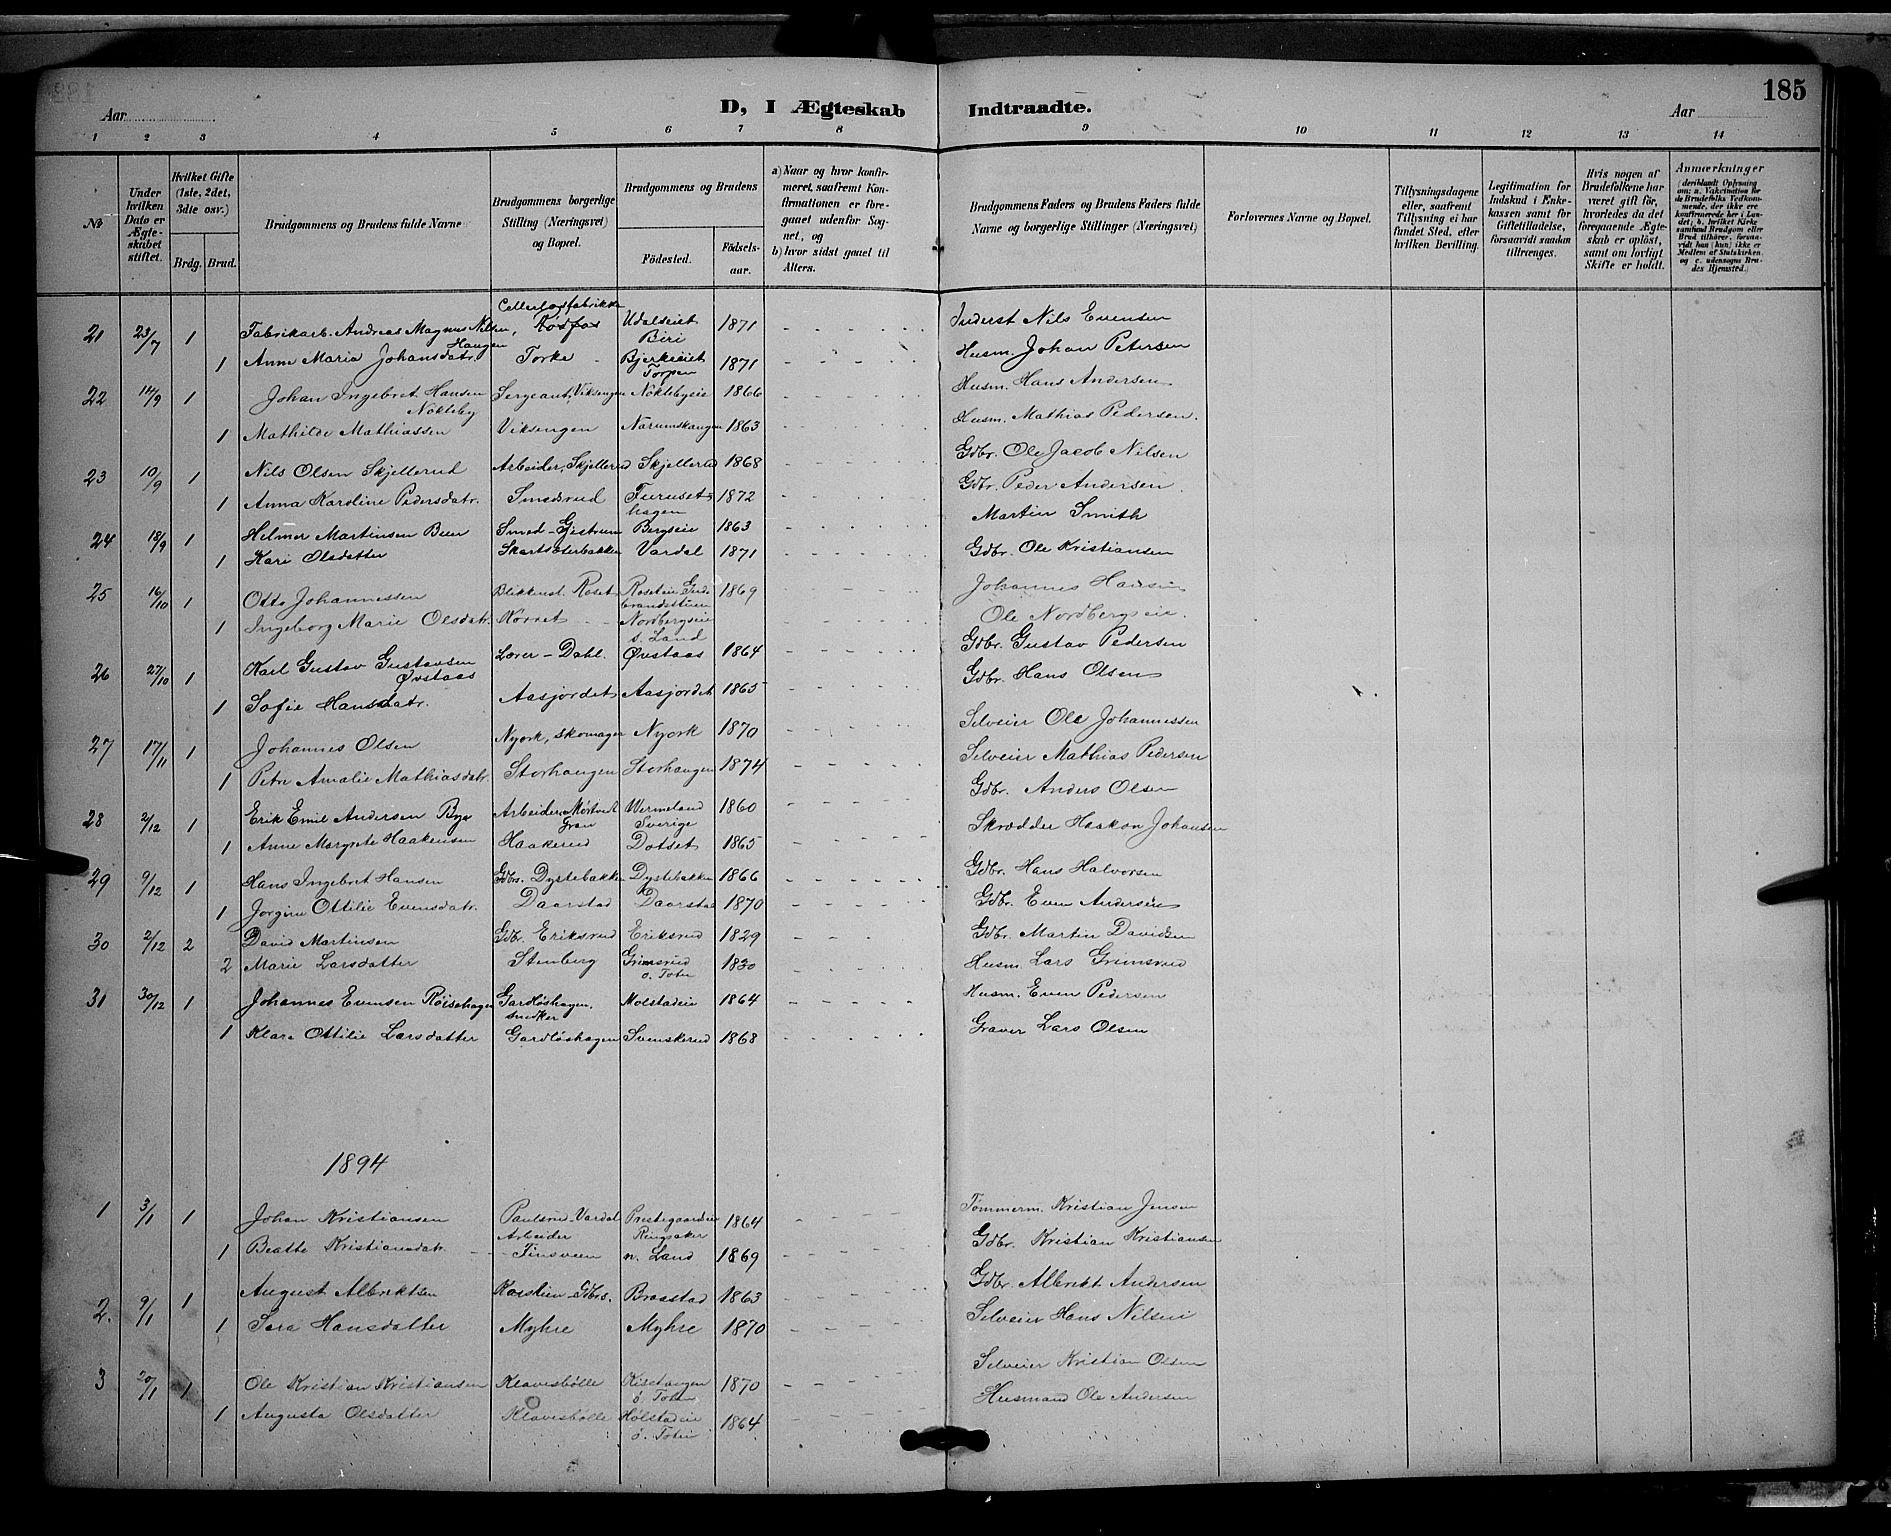 SAH, Vestre Toten prestekontor, H/Ha/Hab/L0009: Klokkerbok nr. 9, 1888-1900, s. 185